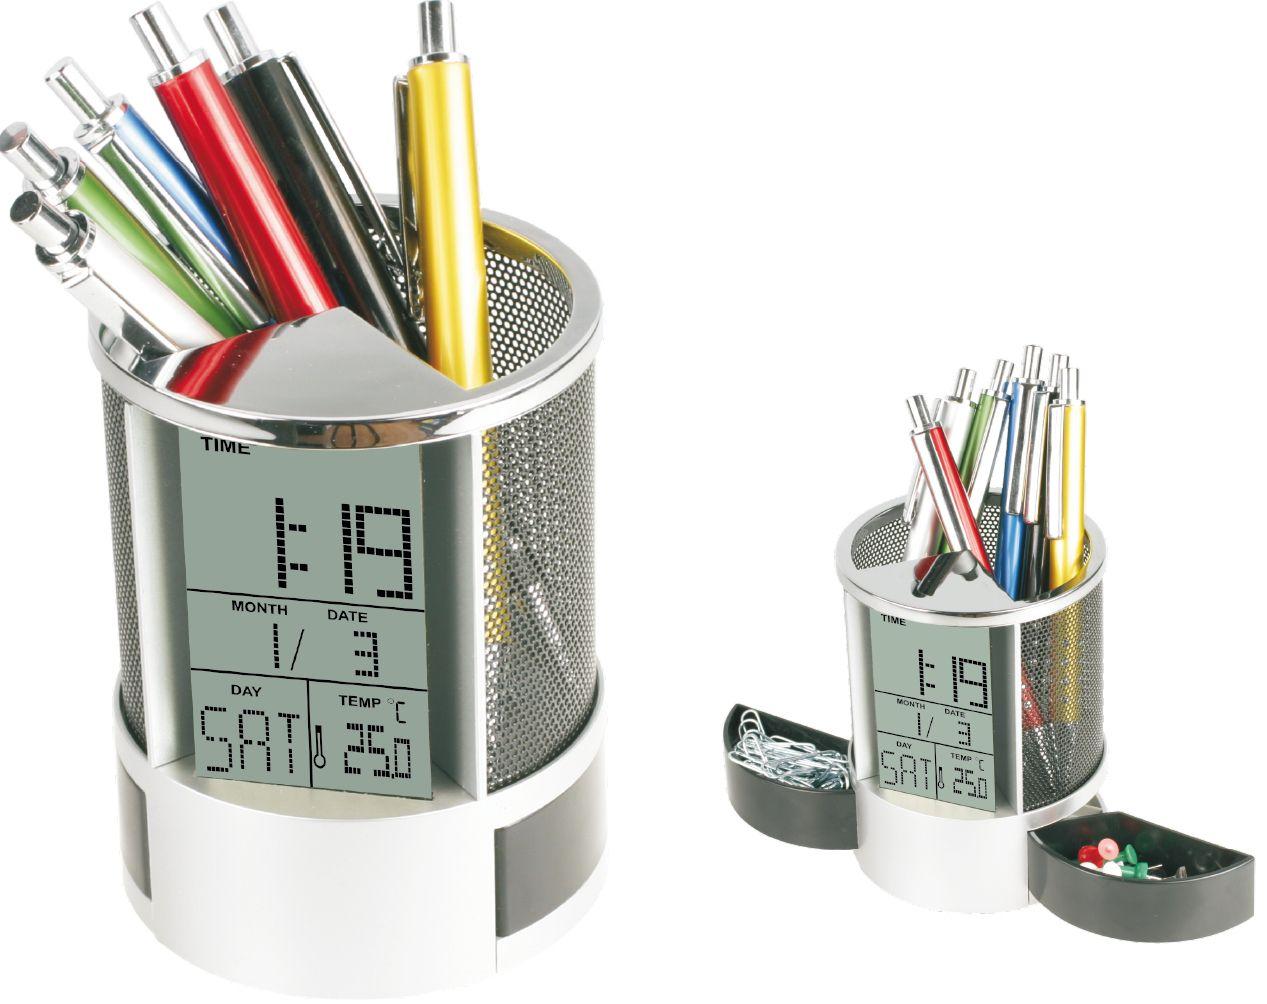 Stojan FELLA s teploměrem a hodinami do kanceláře stříbrná barva, stojan na tužky, pera na stůl, okno, kancelářské potřeby